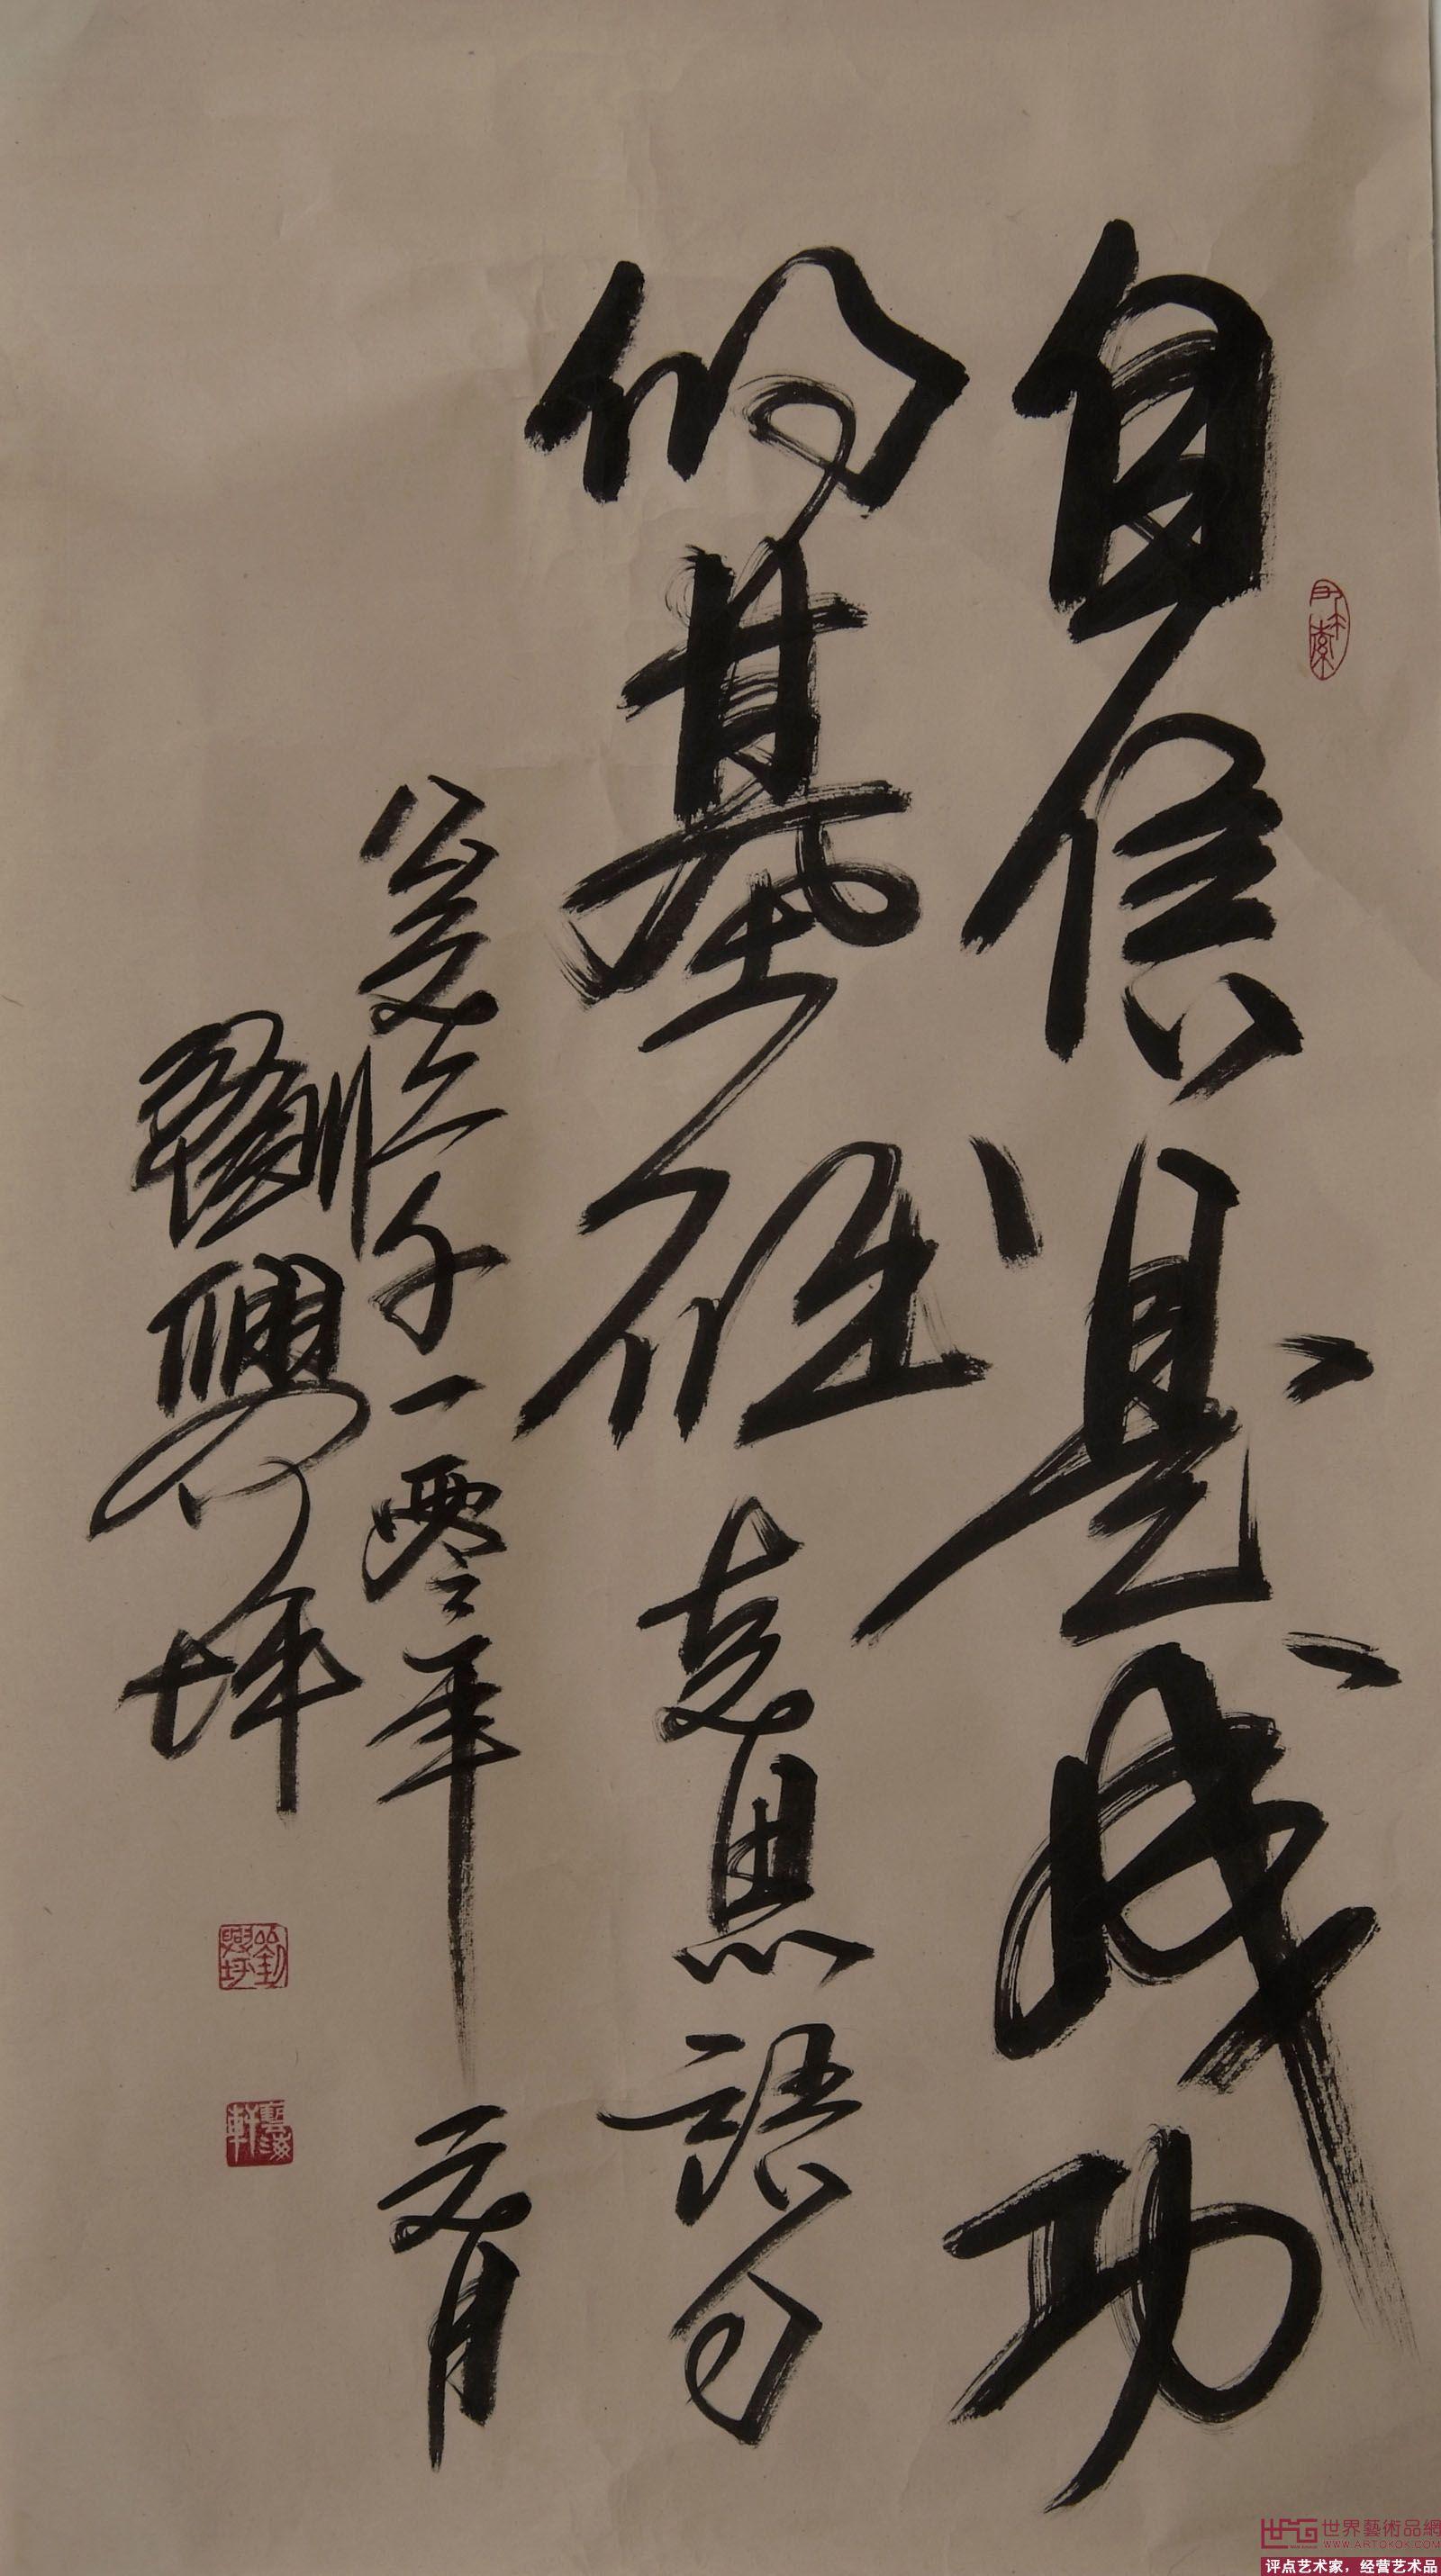 刘兴平-马克思名言-淘宝-名人字画